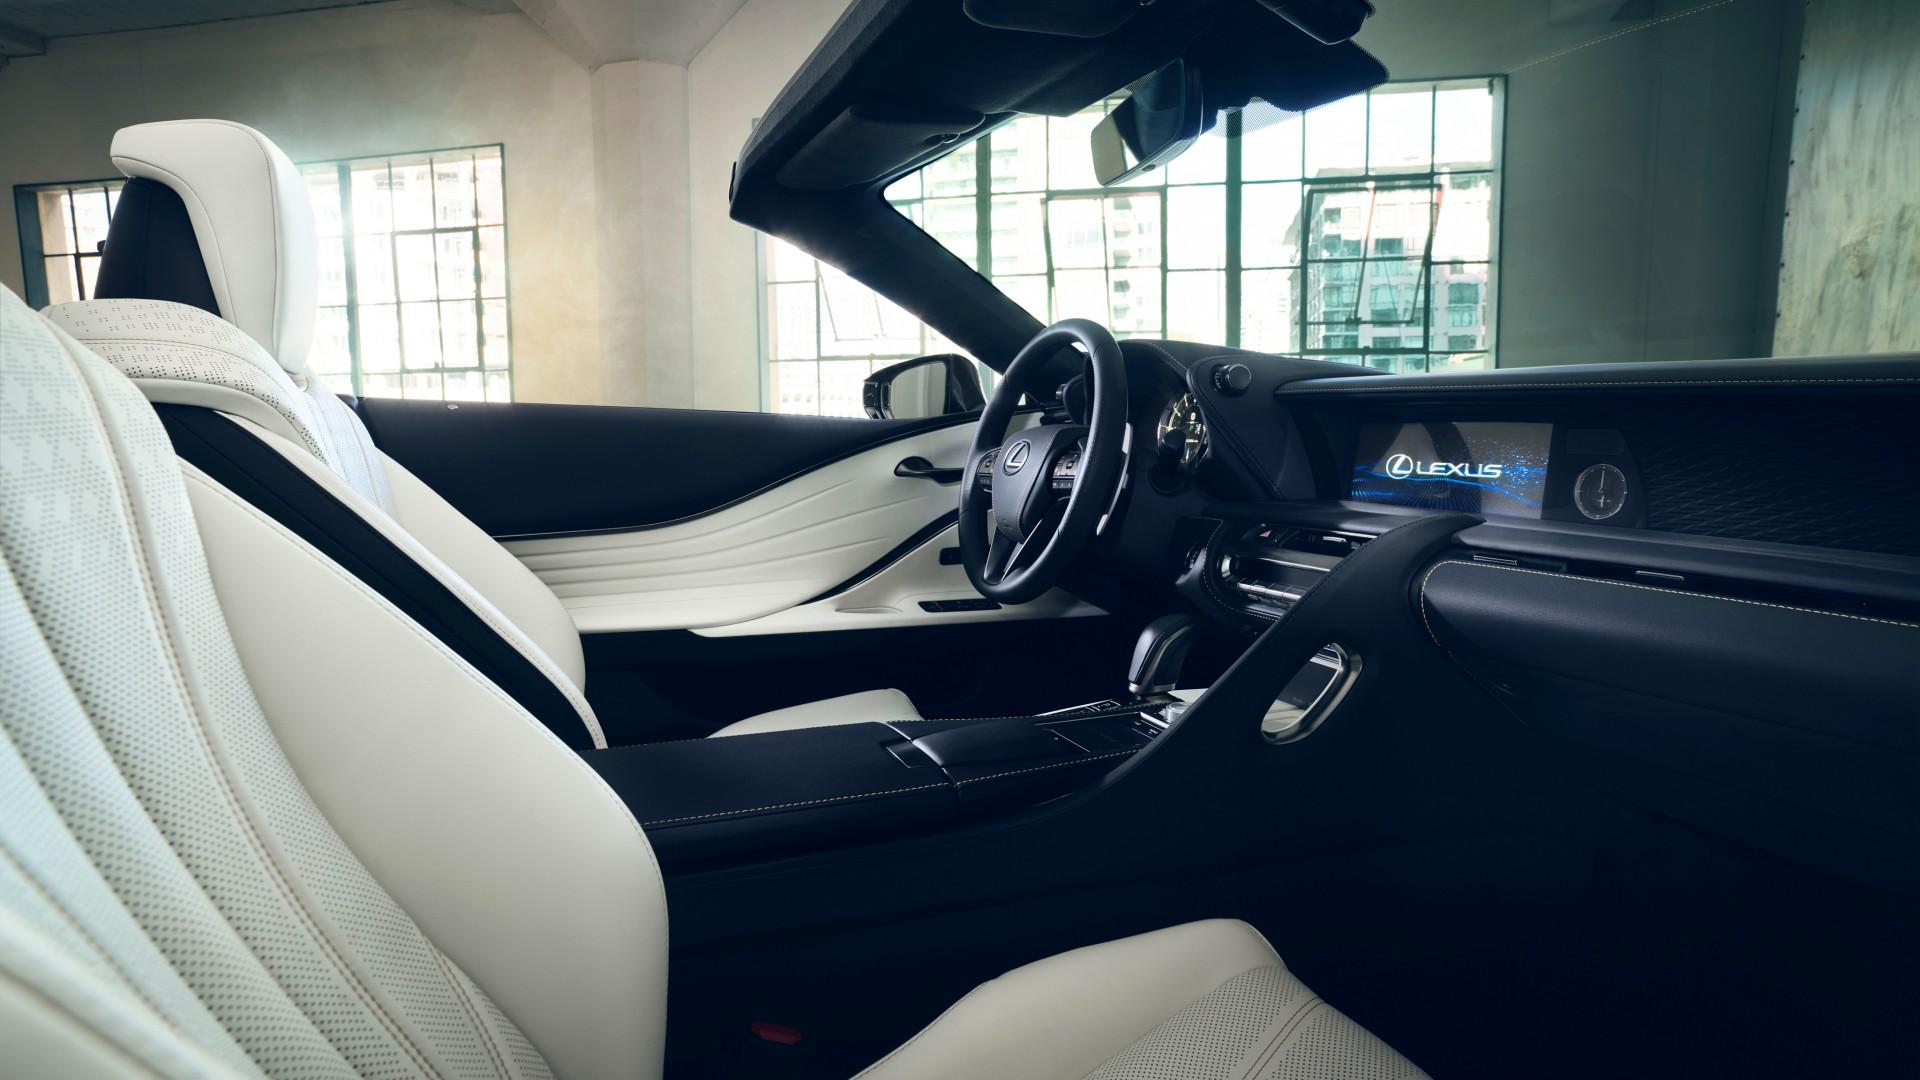 Wallpaper Lexus LC Convertible, 2019 Detroit Auto Show, 2020 Cars, 4K, Cars & Bikes #21053